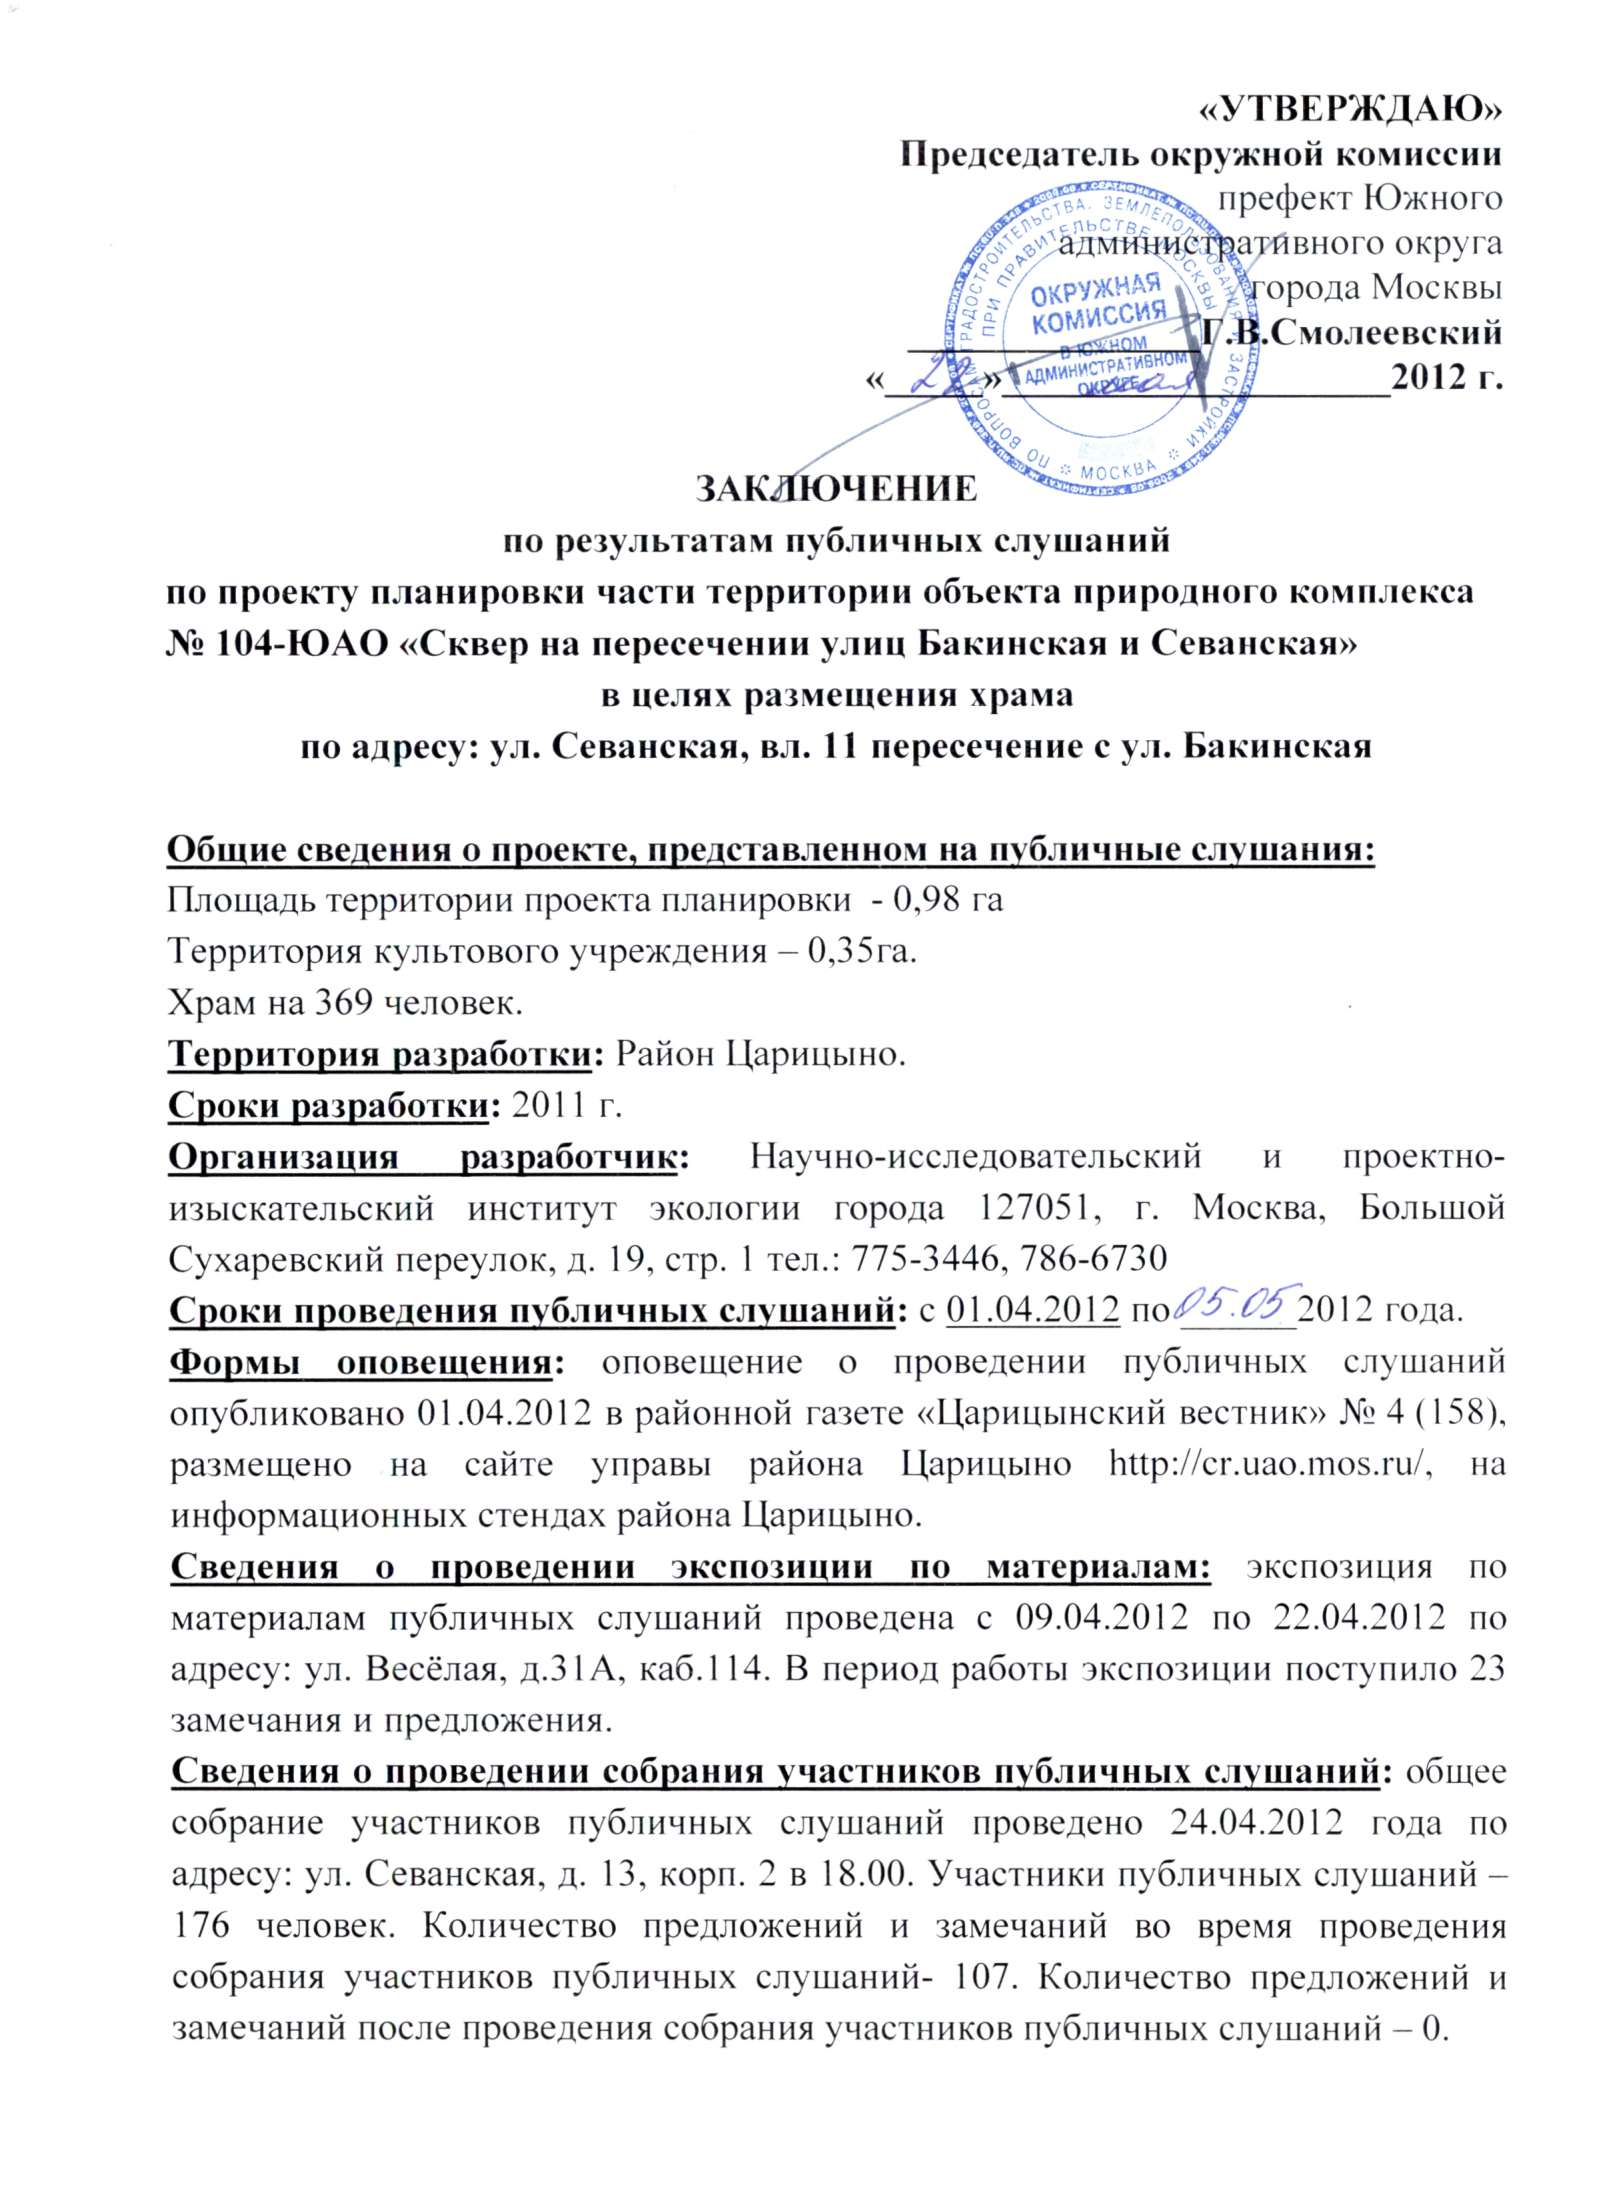 Sev11_207_1